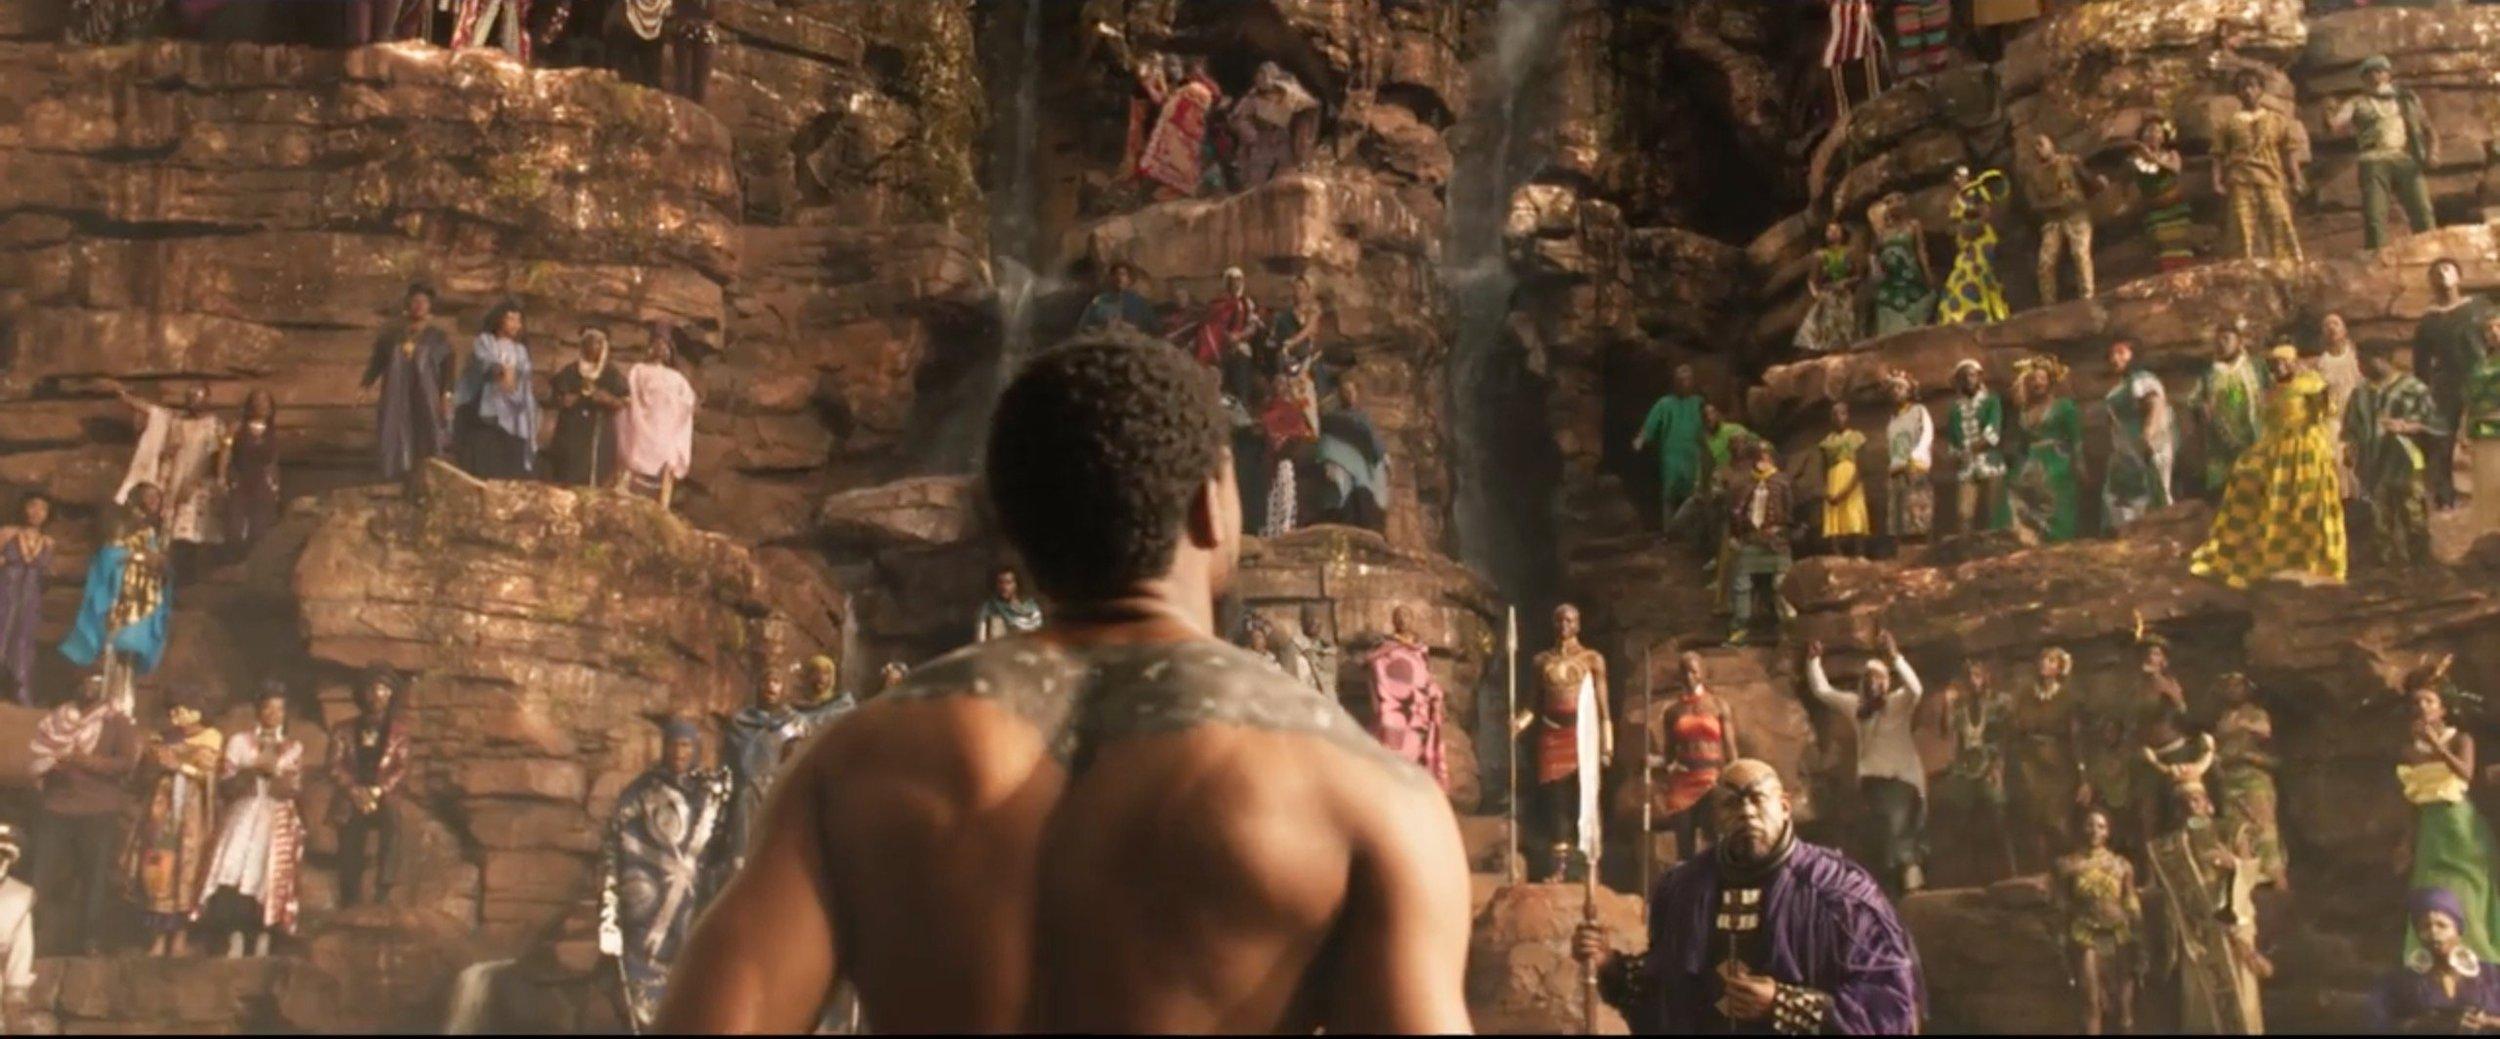 Black-Panther-Trailer-Breakdown-4.jpg